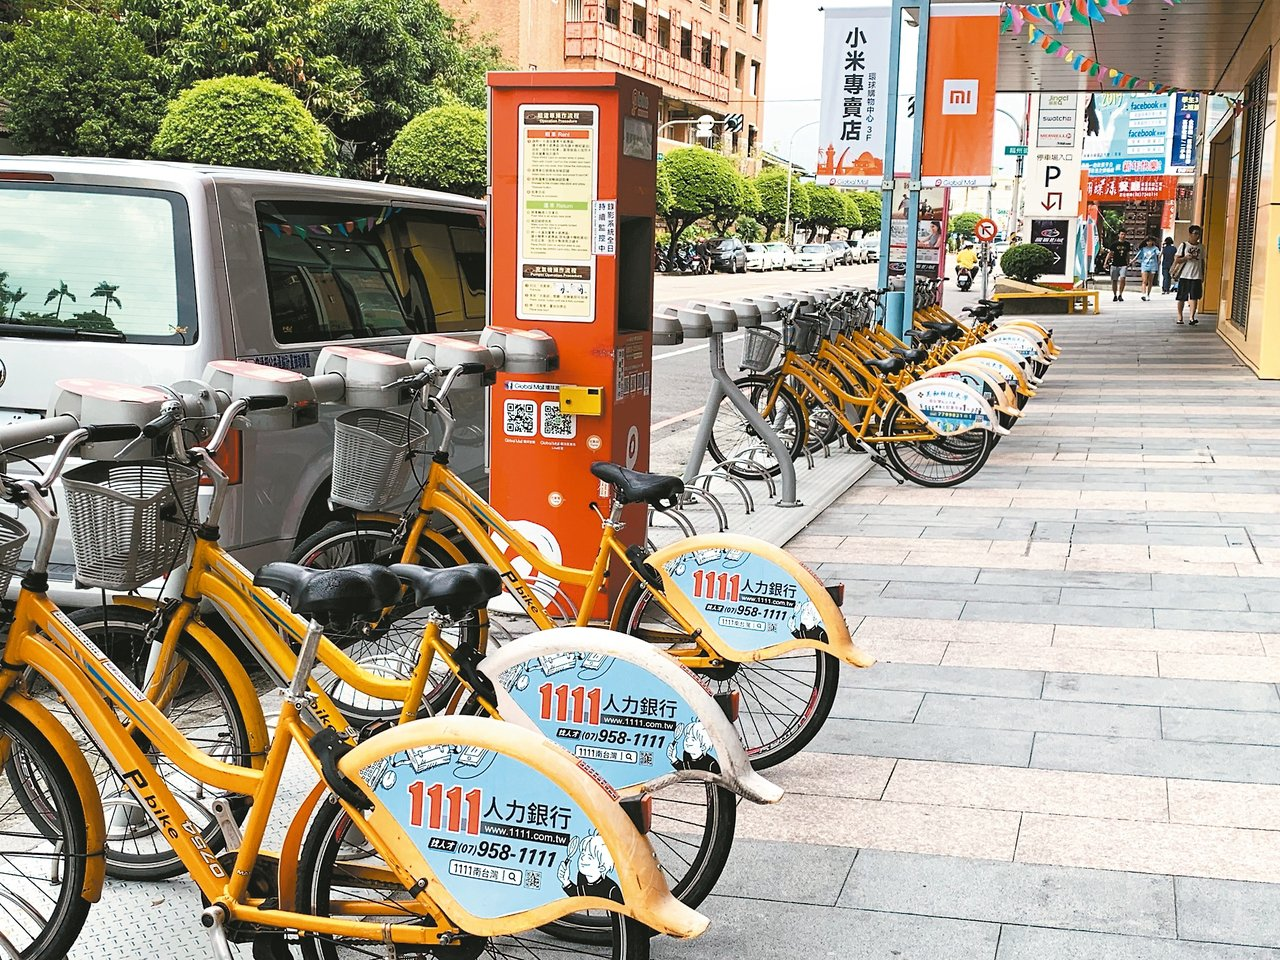 屏東P-bike推出迄今已有200多萬人次騎乘,最近傳出有人未使用票卡租借,硬扯...